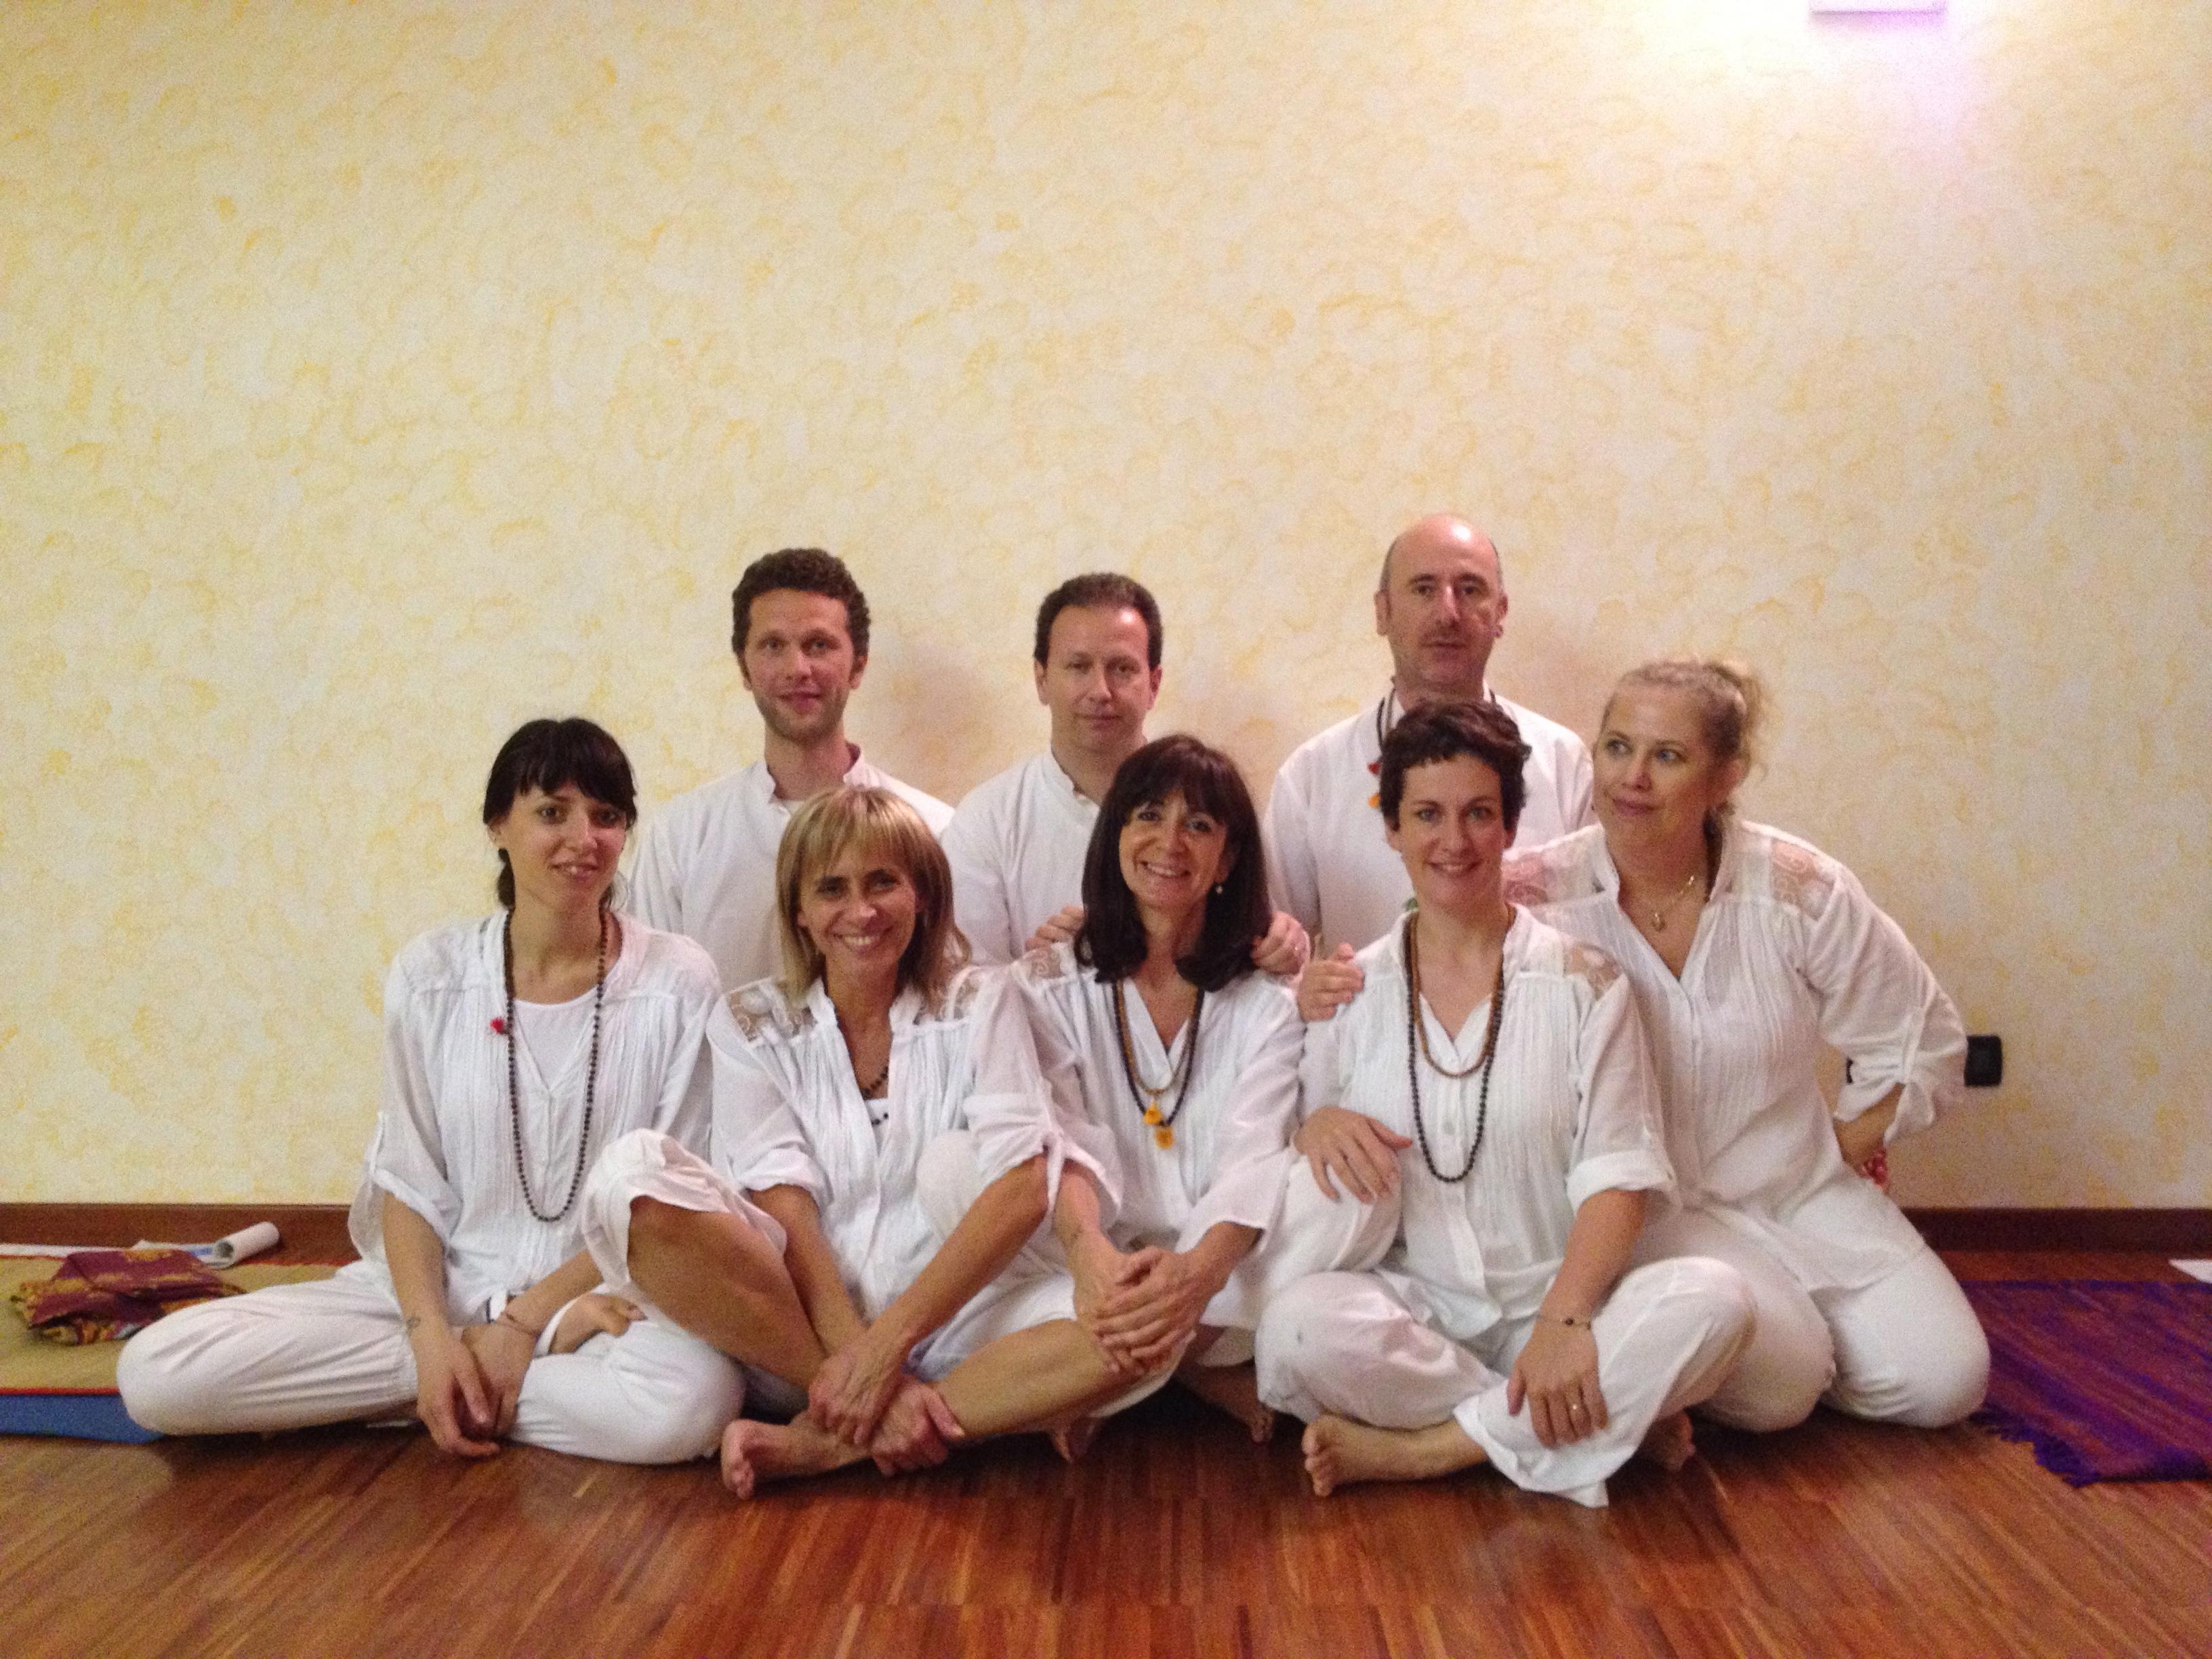 Lezioni di yoga integrale con insegnanti diversi per sperimentare e